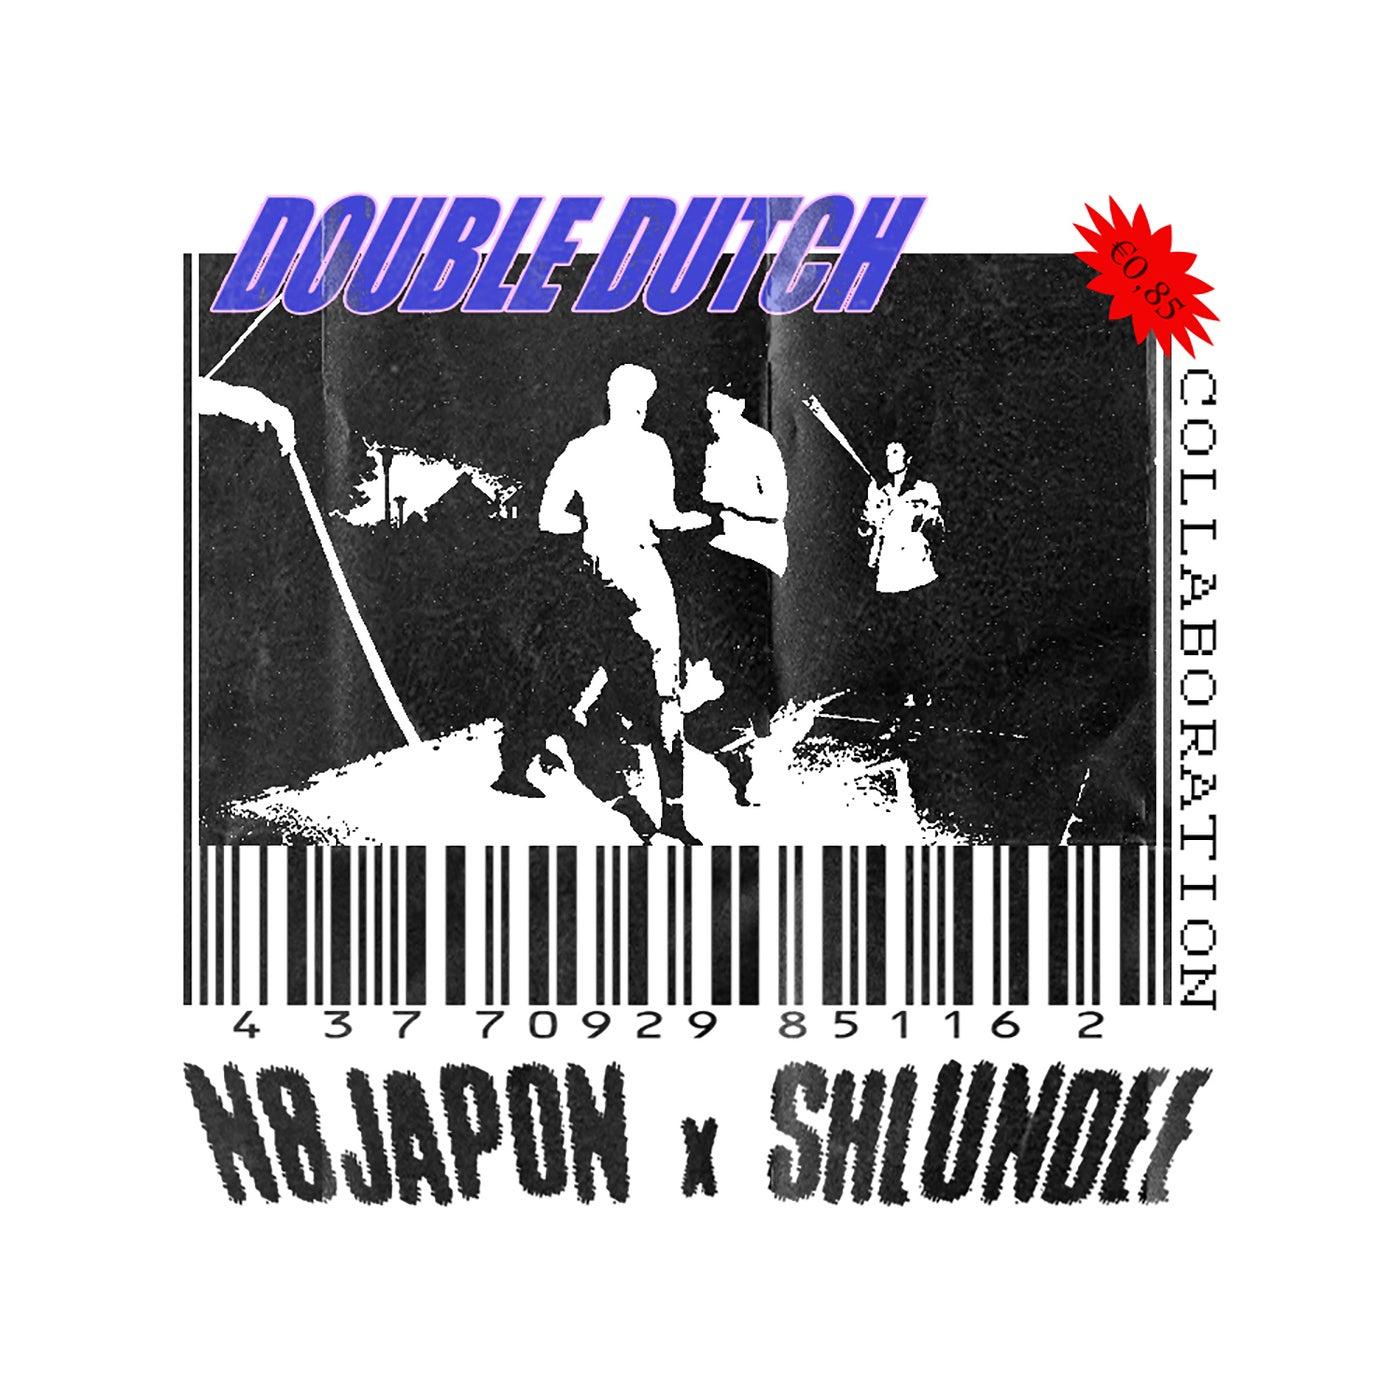 Double Dutch feat. AMY MIYÚ (Shlundee & nachtjapon remix)